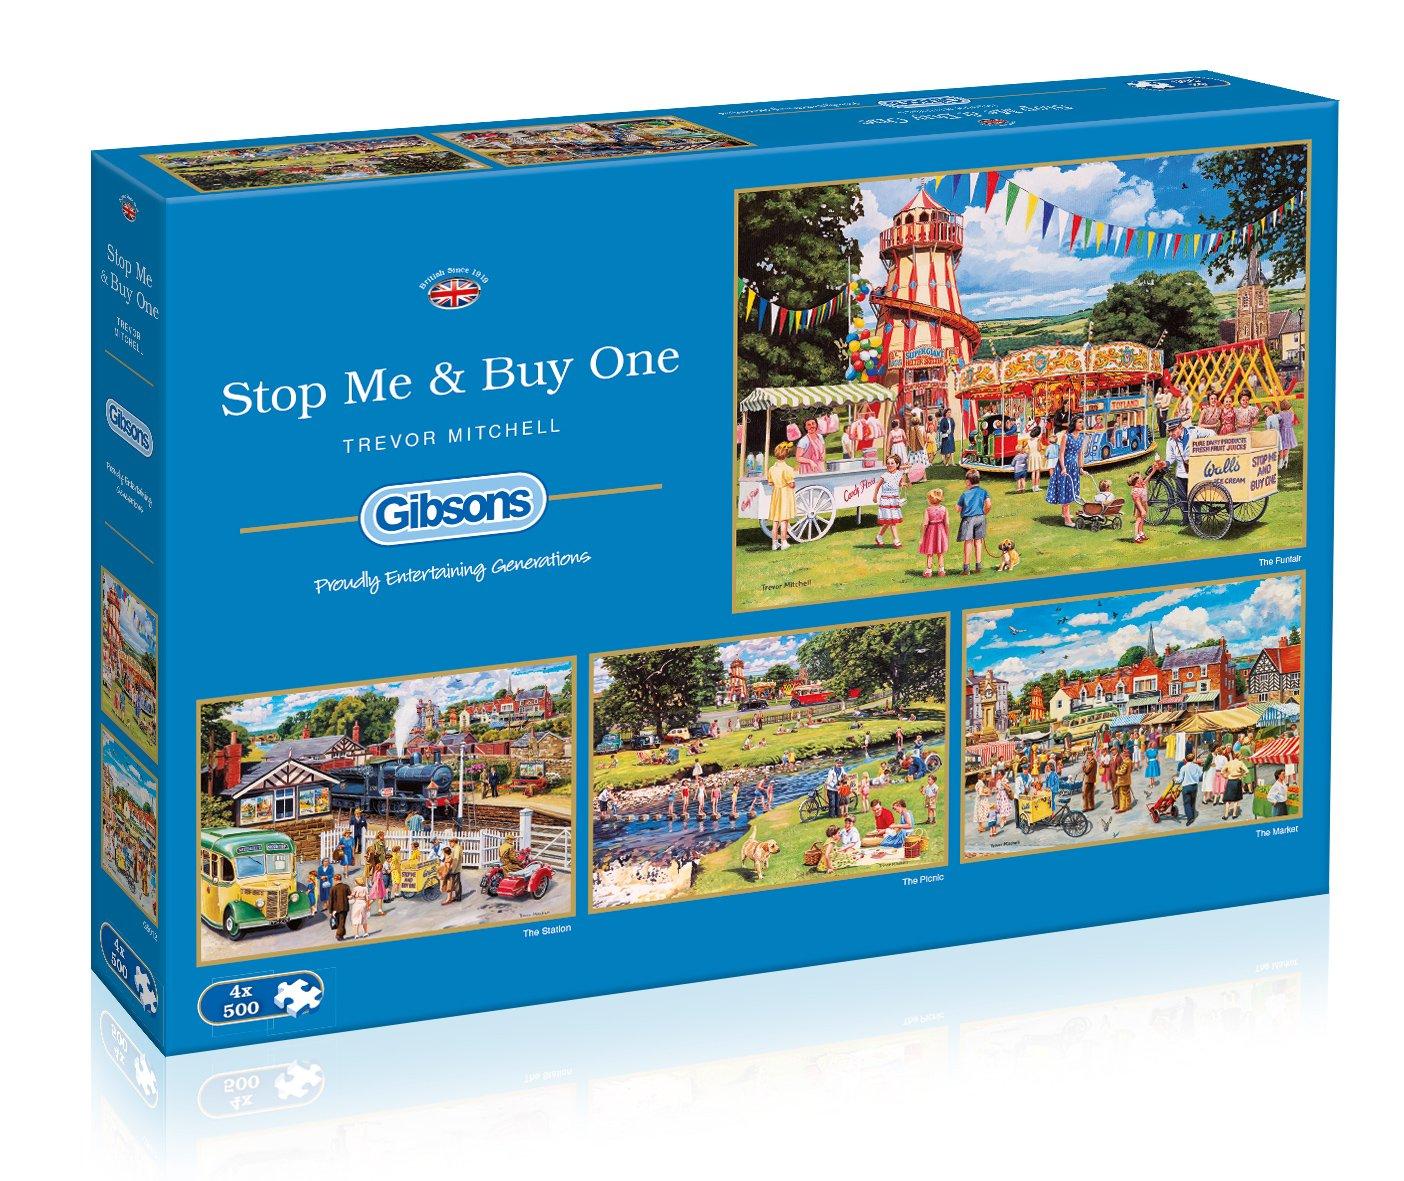 Buy One 4x500 Piece Jigsaw Puzzle